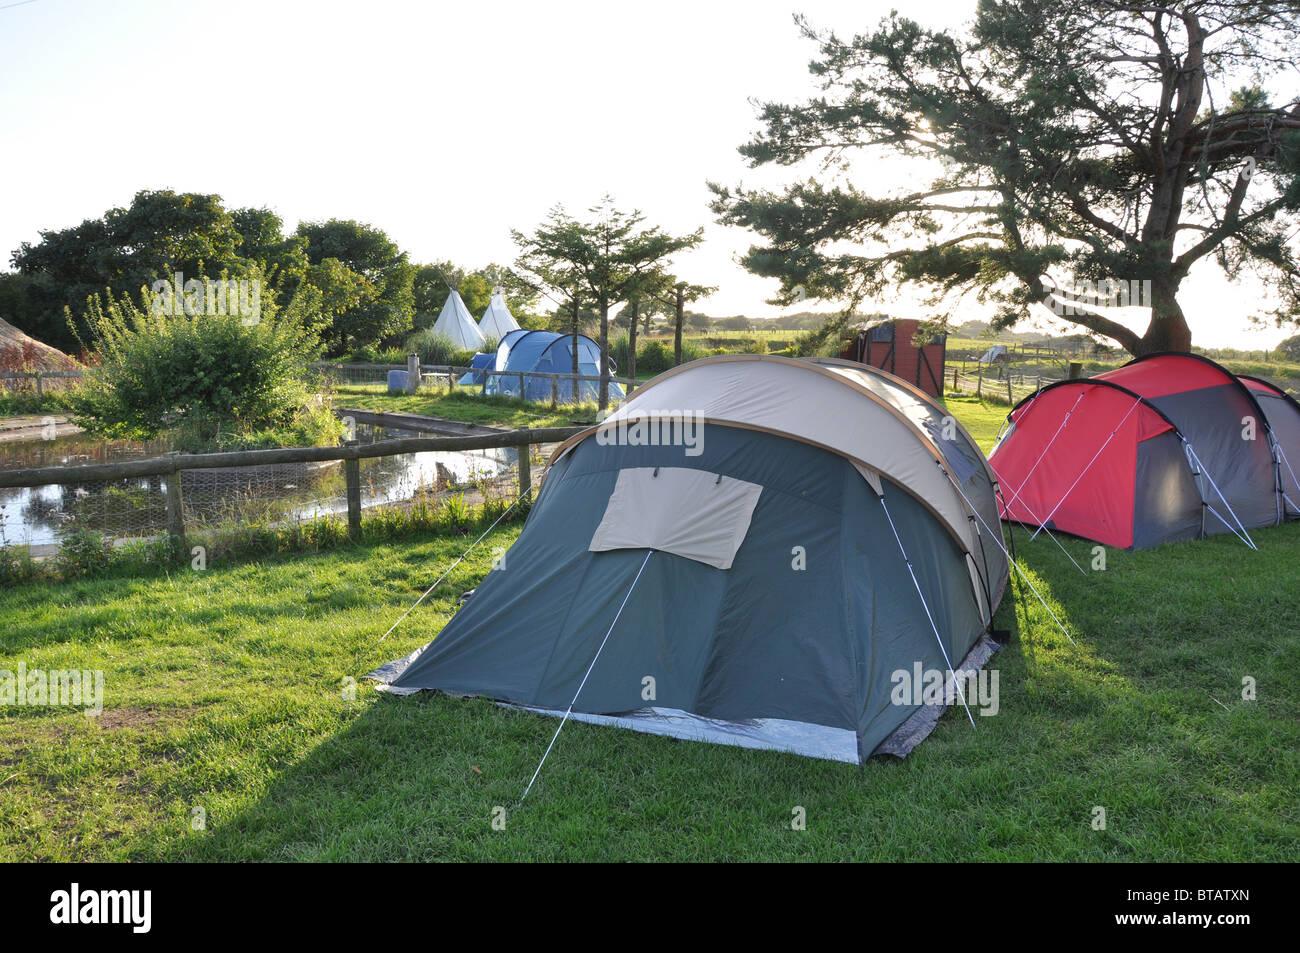 Camping at Clyne Farm, Mayals, Swansea, West Glamorgan Wales, - Stock Image